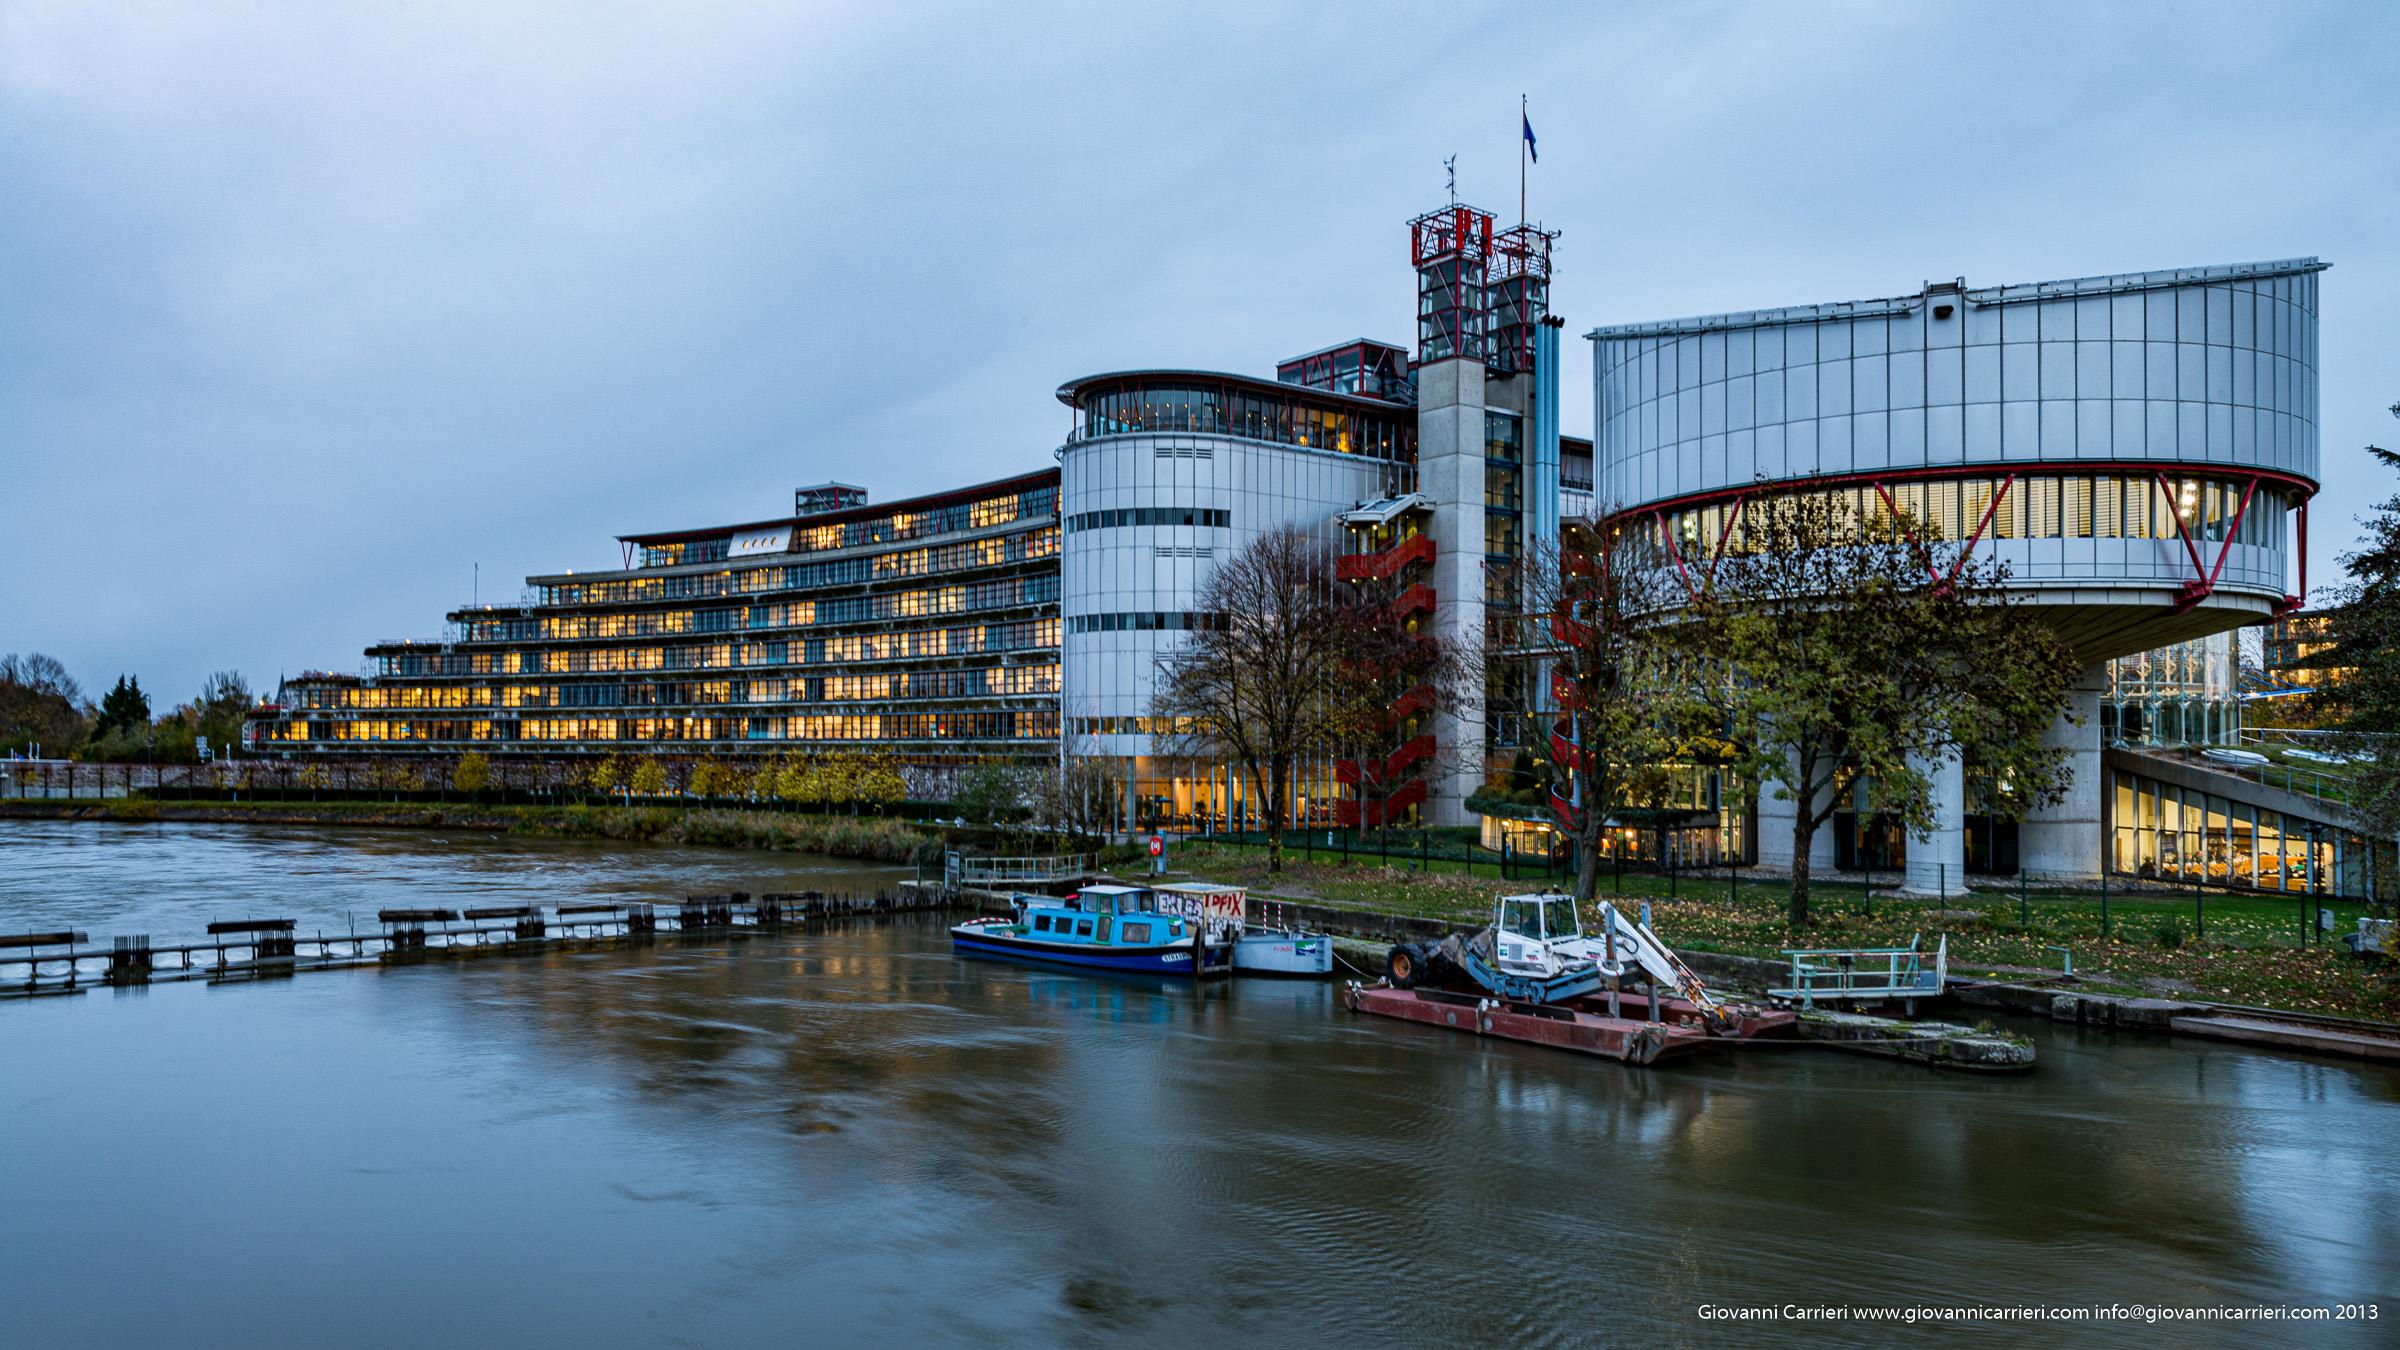 Il parlamento dell'Europa Unita a Strasburgo